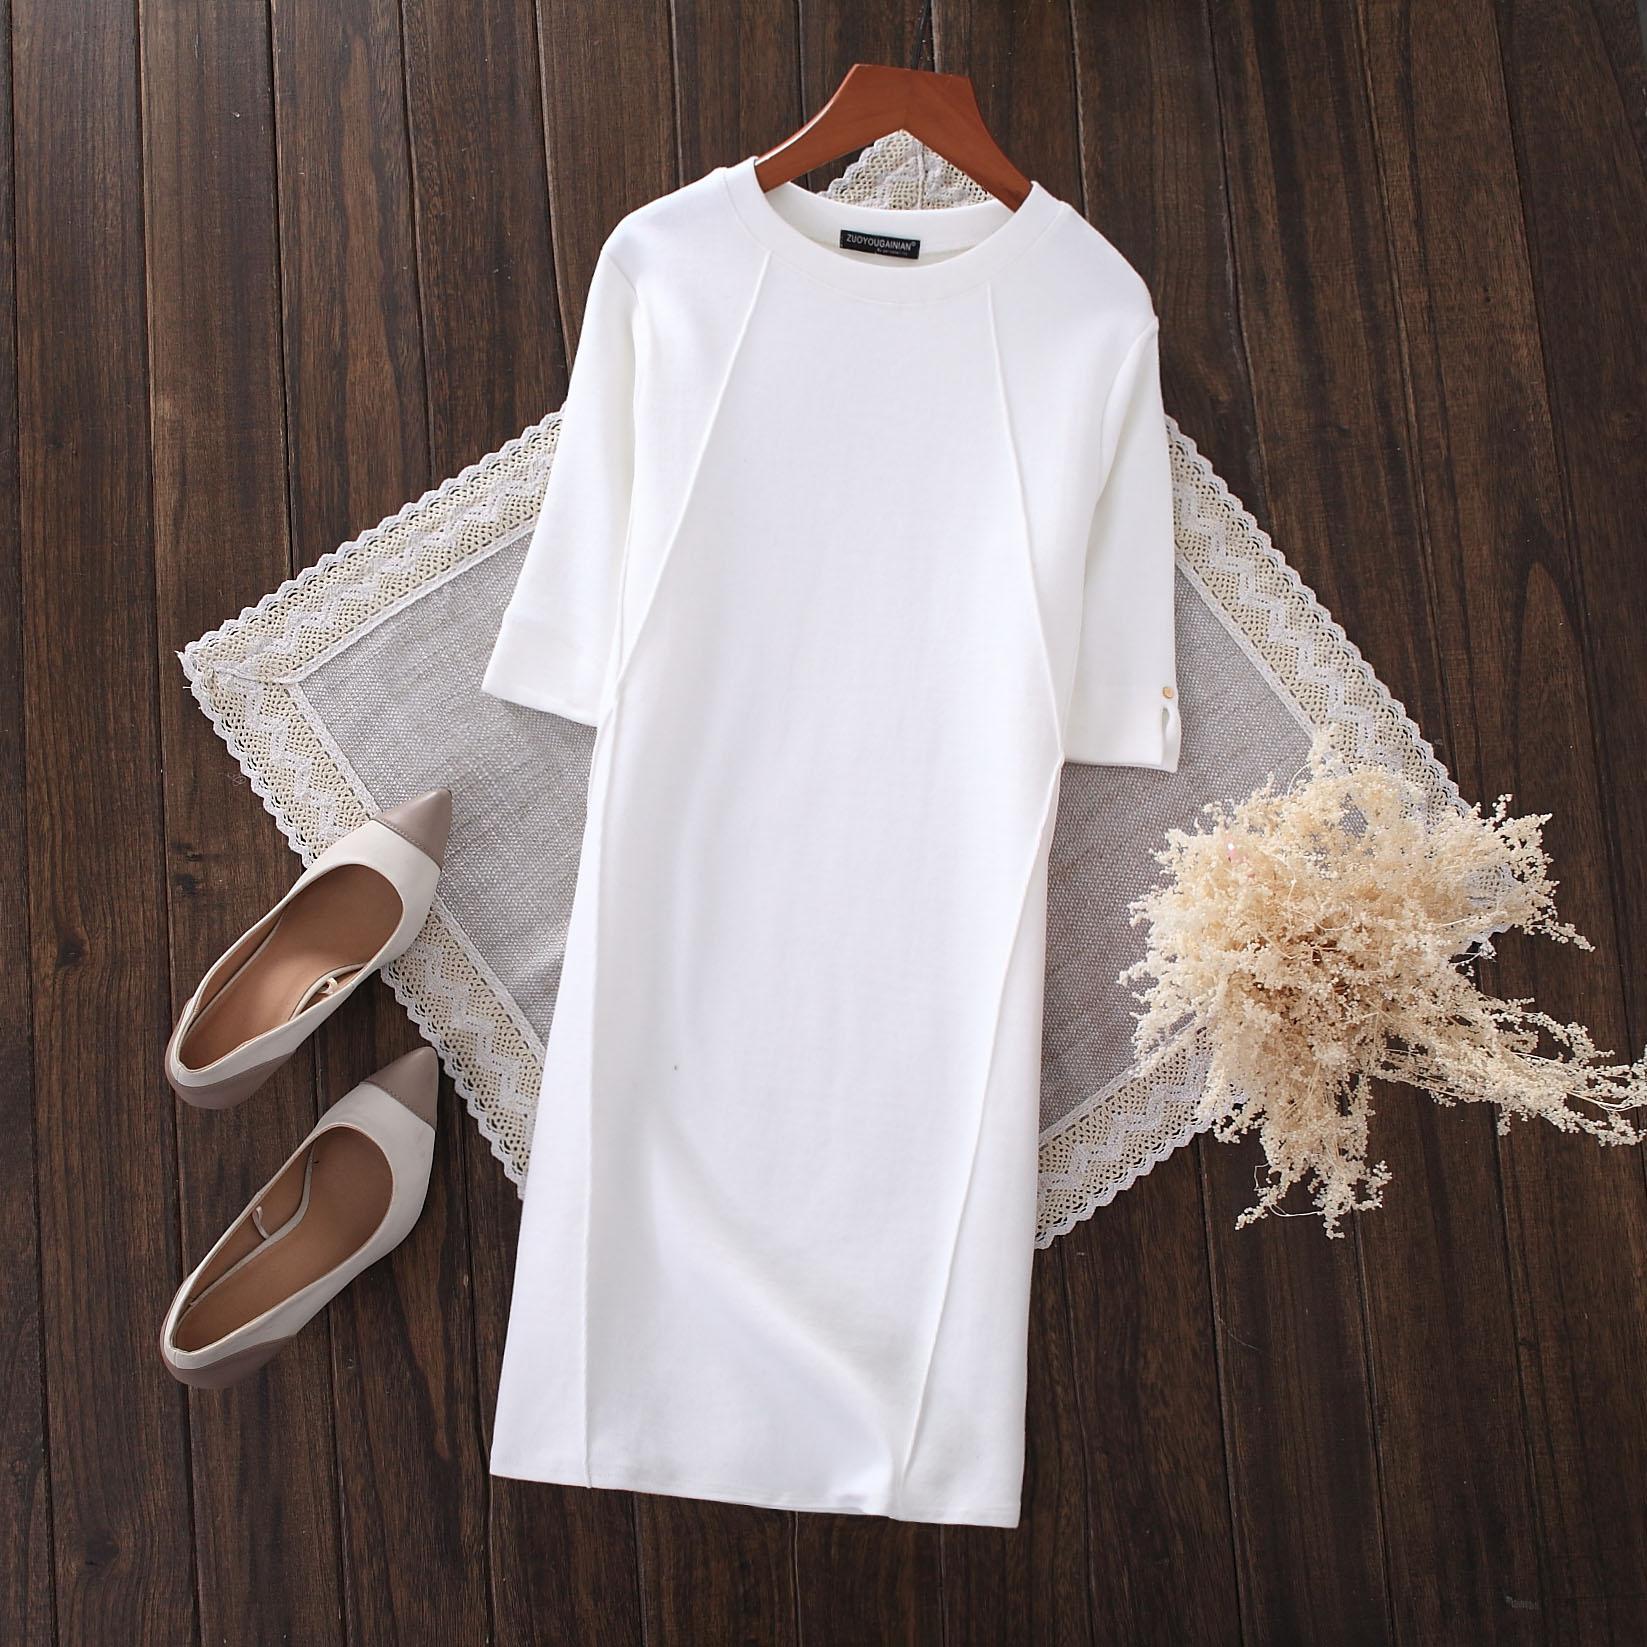 2019白色中长款半袖t恤女秋冬修身显瘦菱形大码打底短袖衫t恤裙